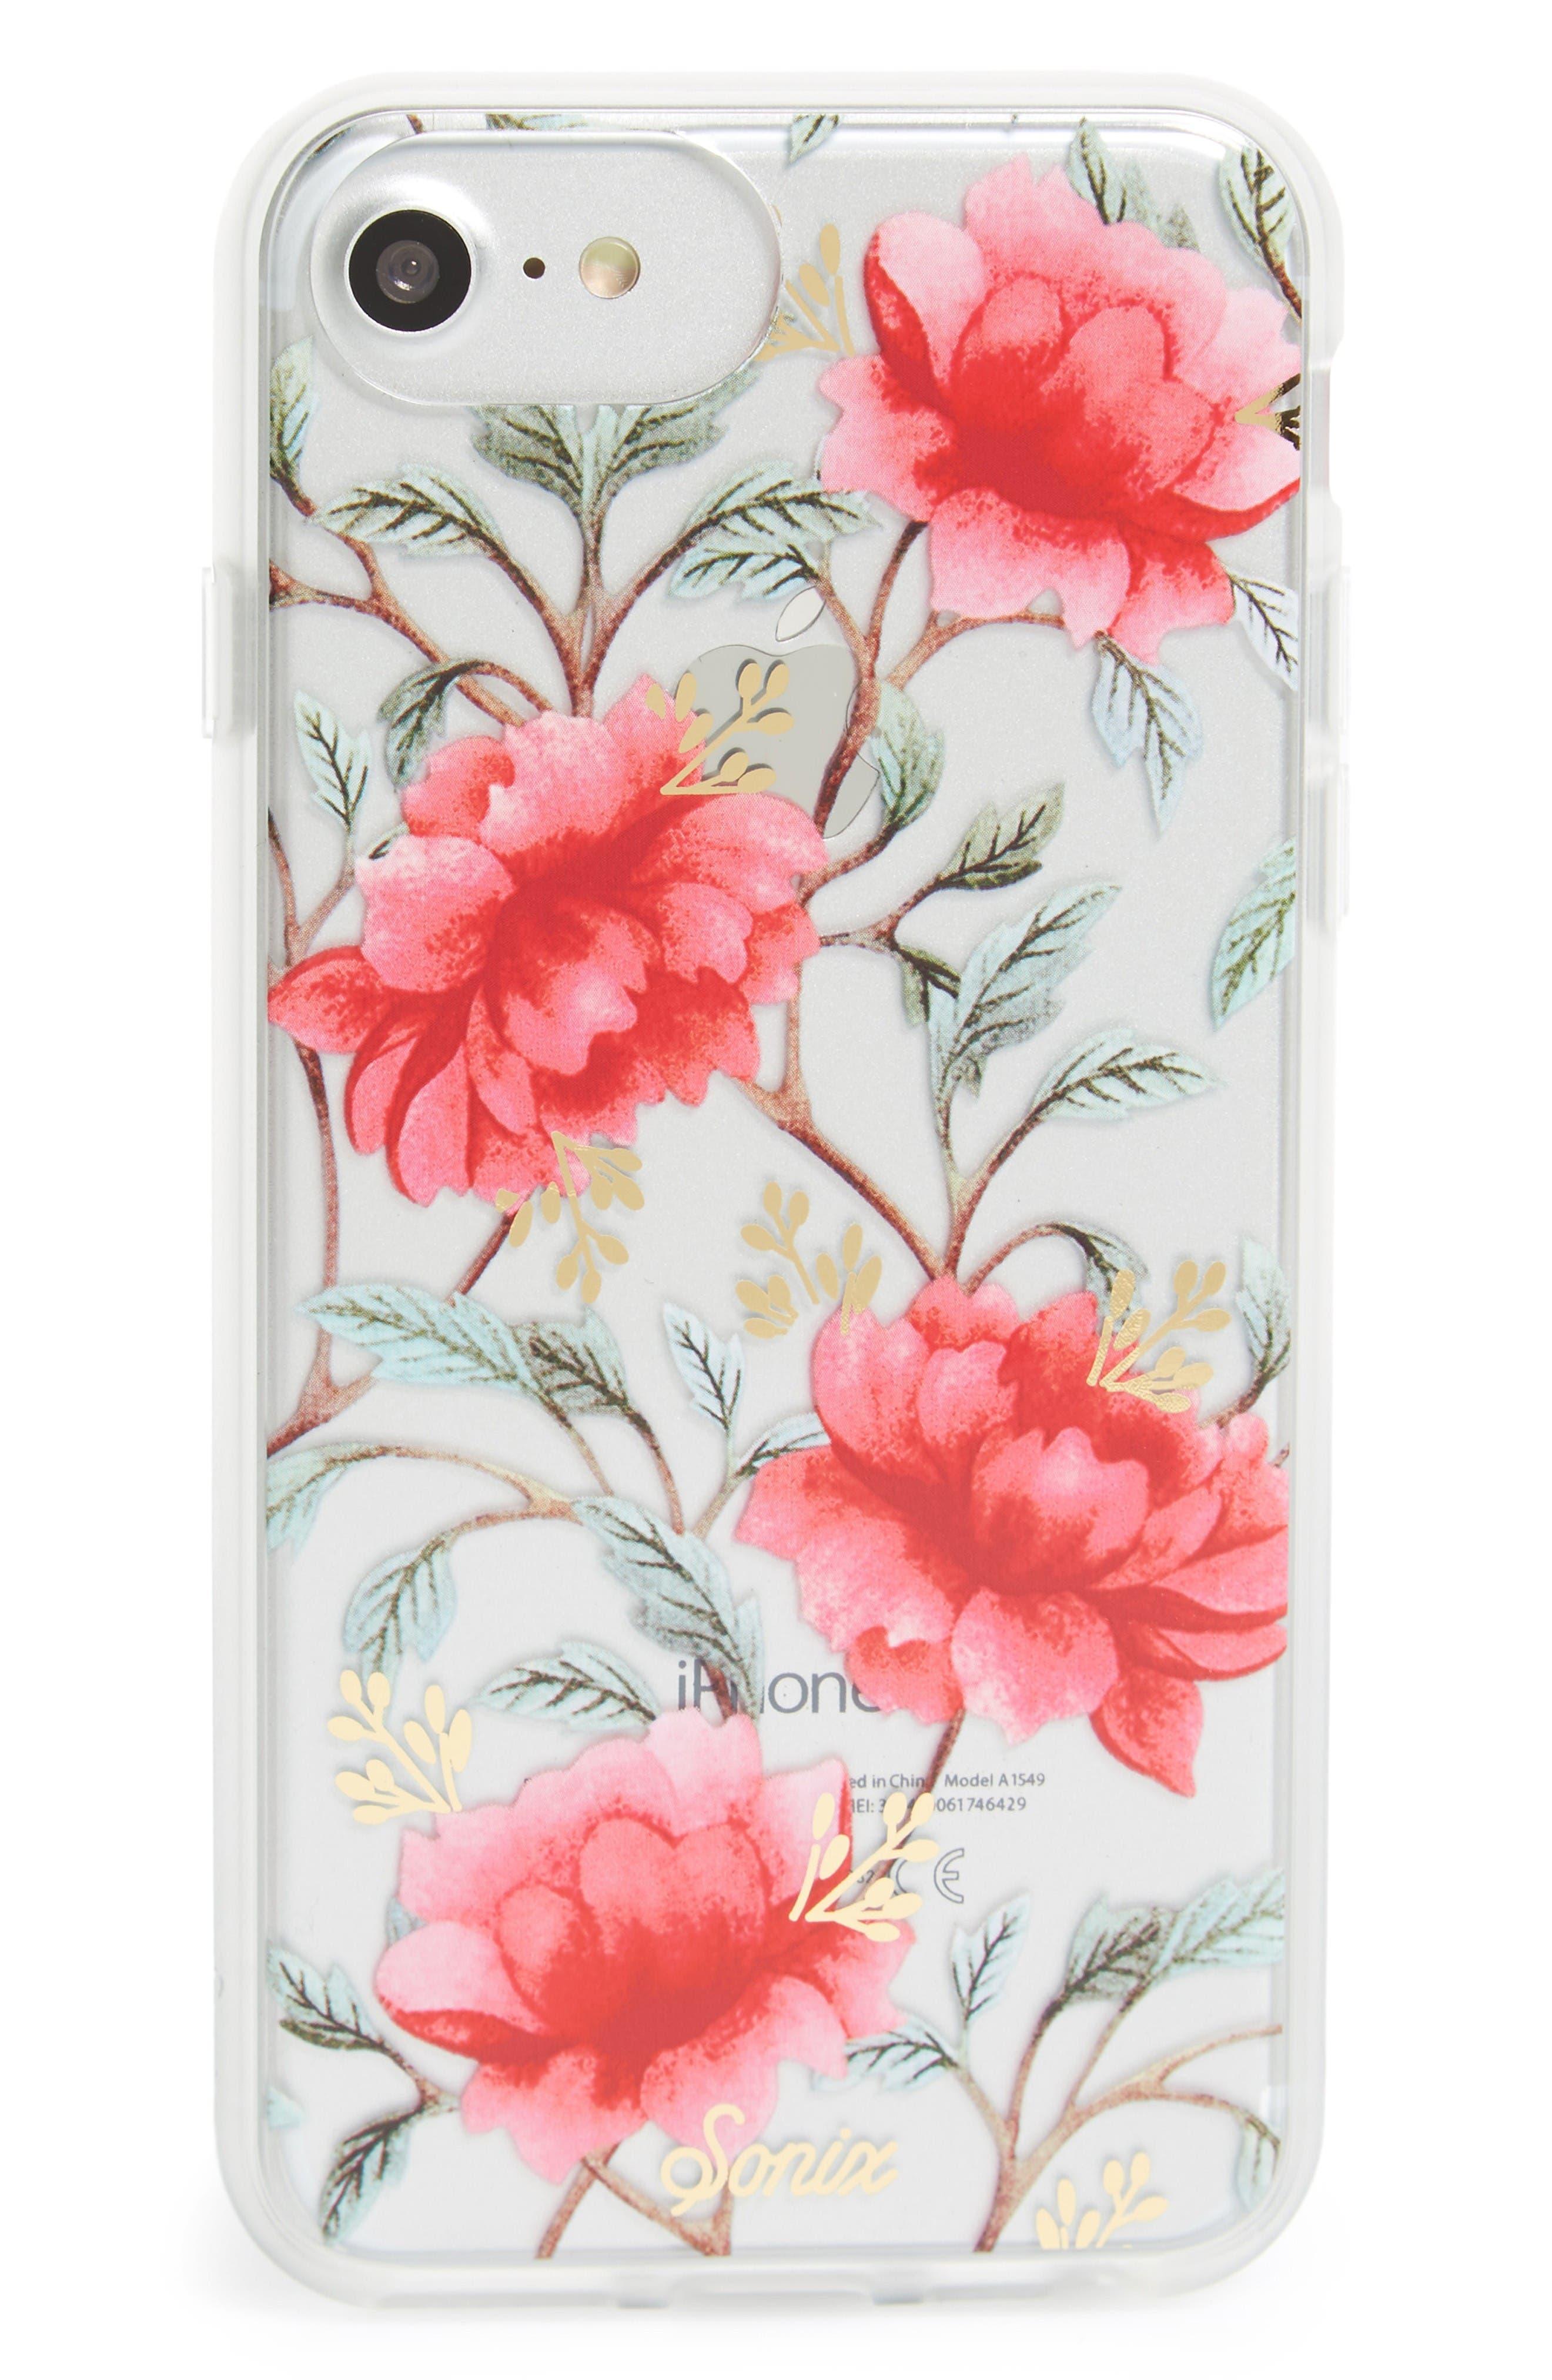 SONIX Mandarine Bloom iPhone 6/7 & 6/7 Plus